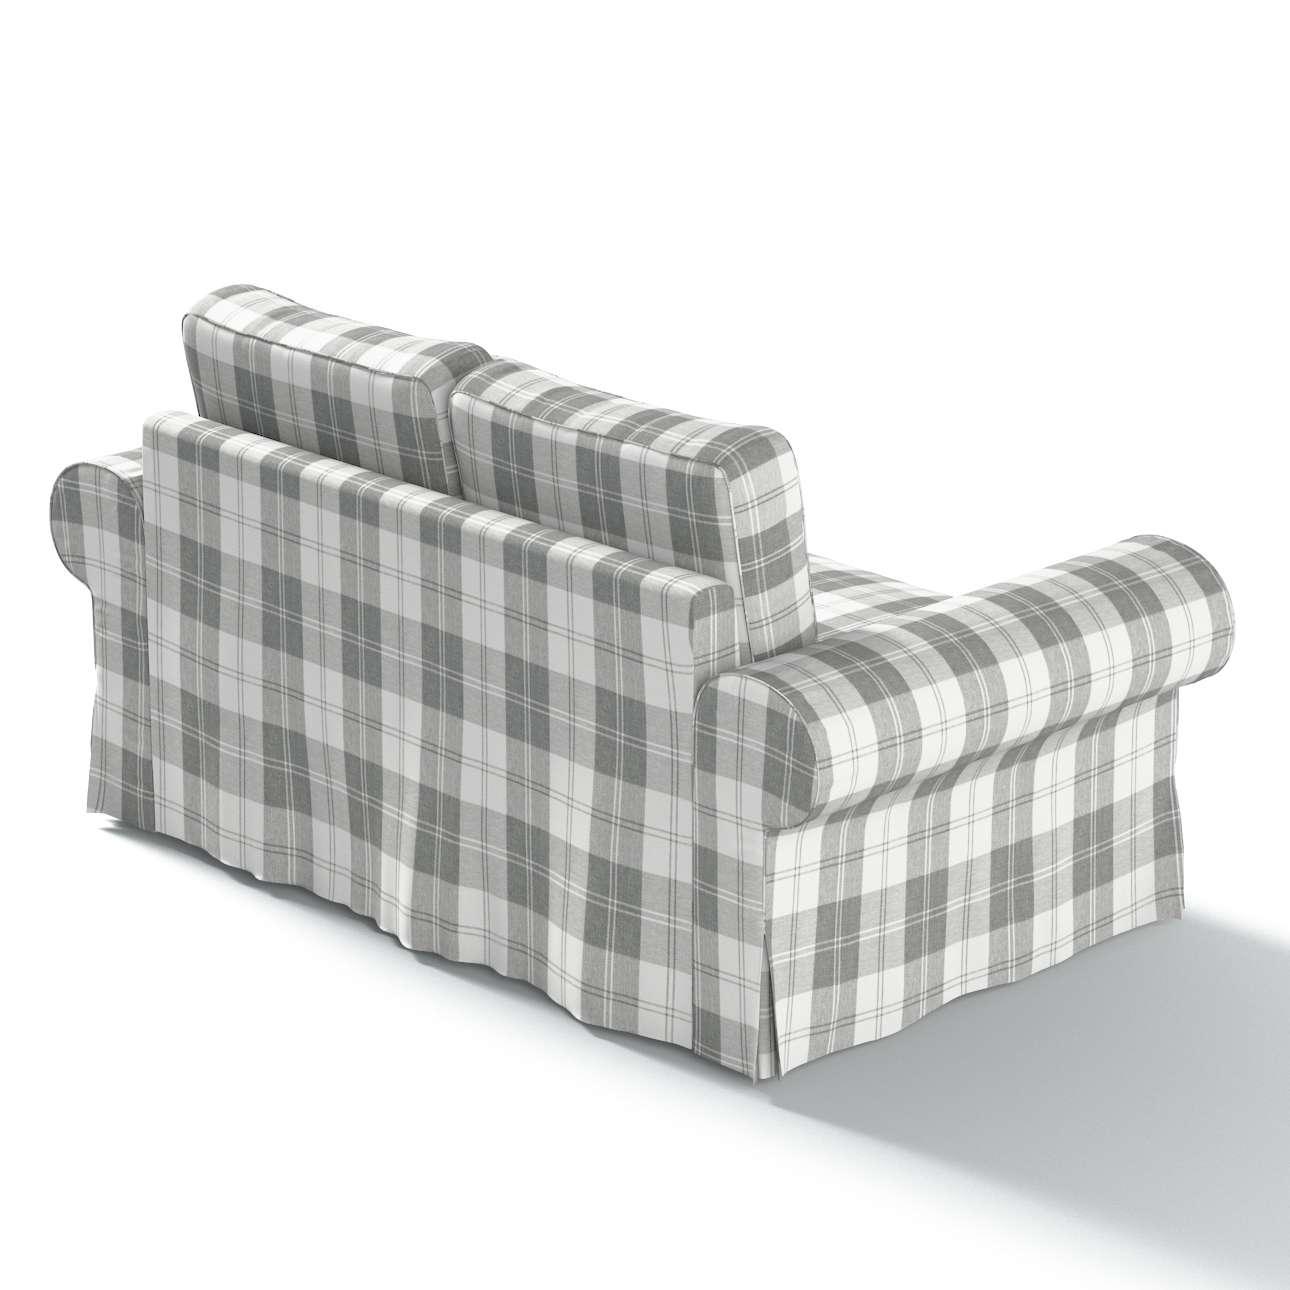 Pokrowiec na sofę Backabro 2-osobową rozkładaną w kolekcji Edinburgh, tkanina: 115-79